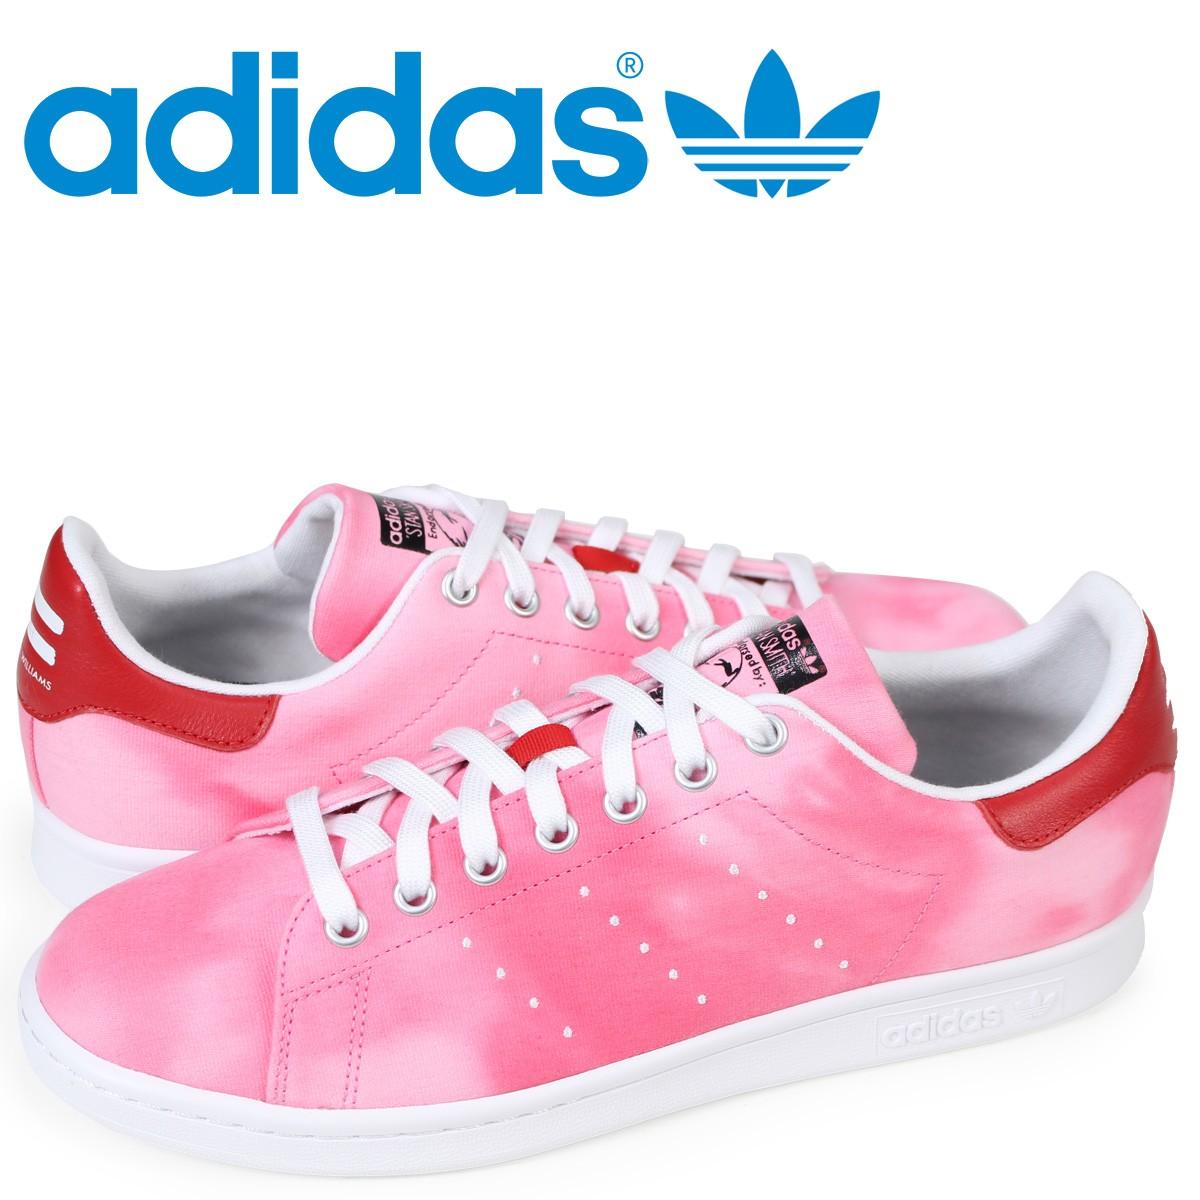 adidas Originals PW HU HOLI STAN SMITH アディダス スタンスミス スニーカー ファレルウィリアムス メンズ コラボ AC7044 レッド オリジナルス [3/20 新入荷] [183]